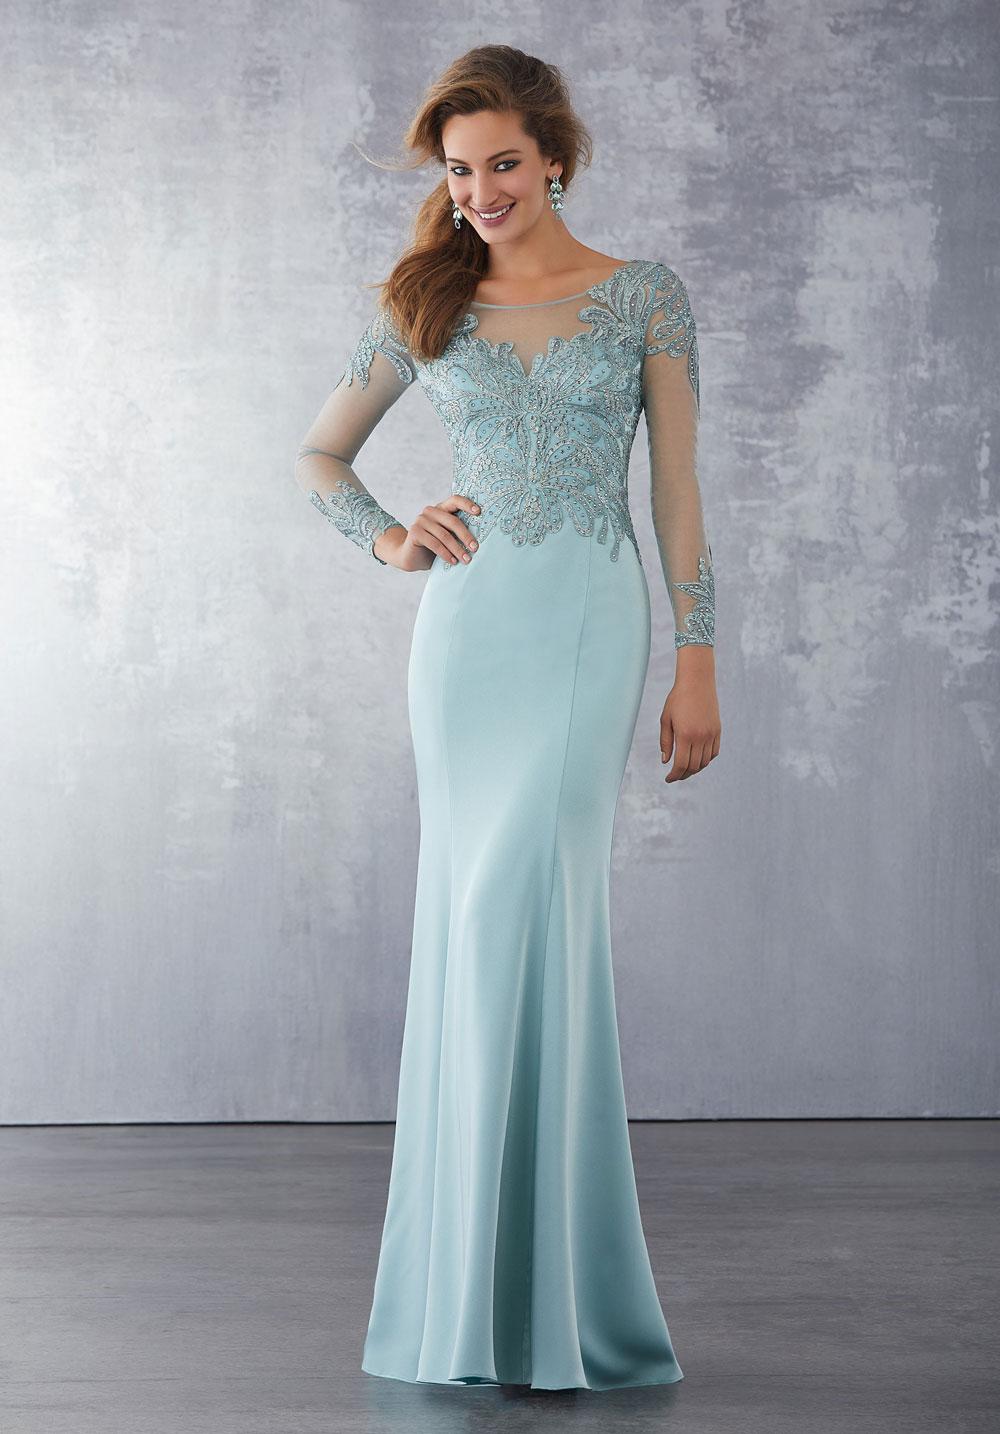 Boutique valesky vestidos de fiesta